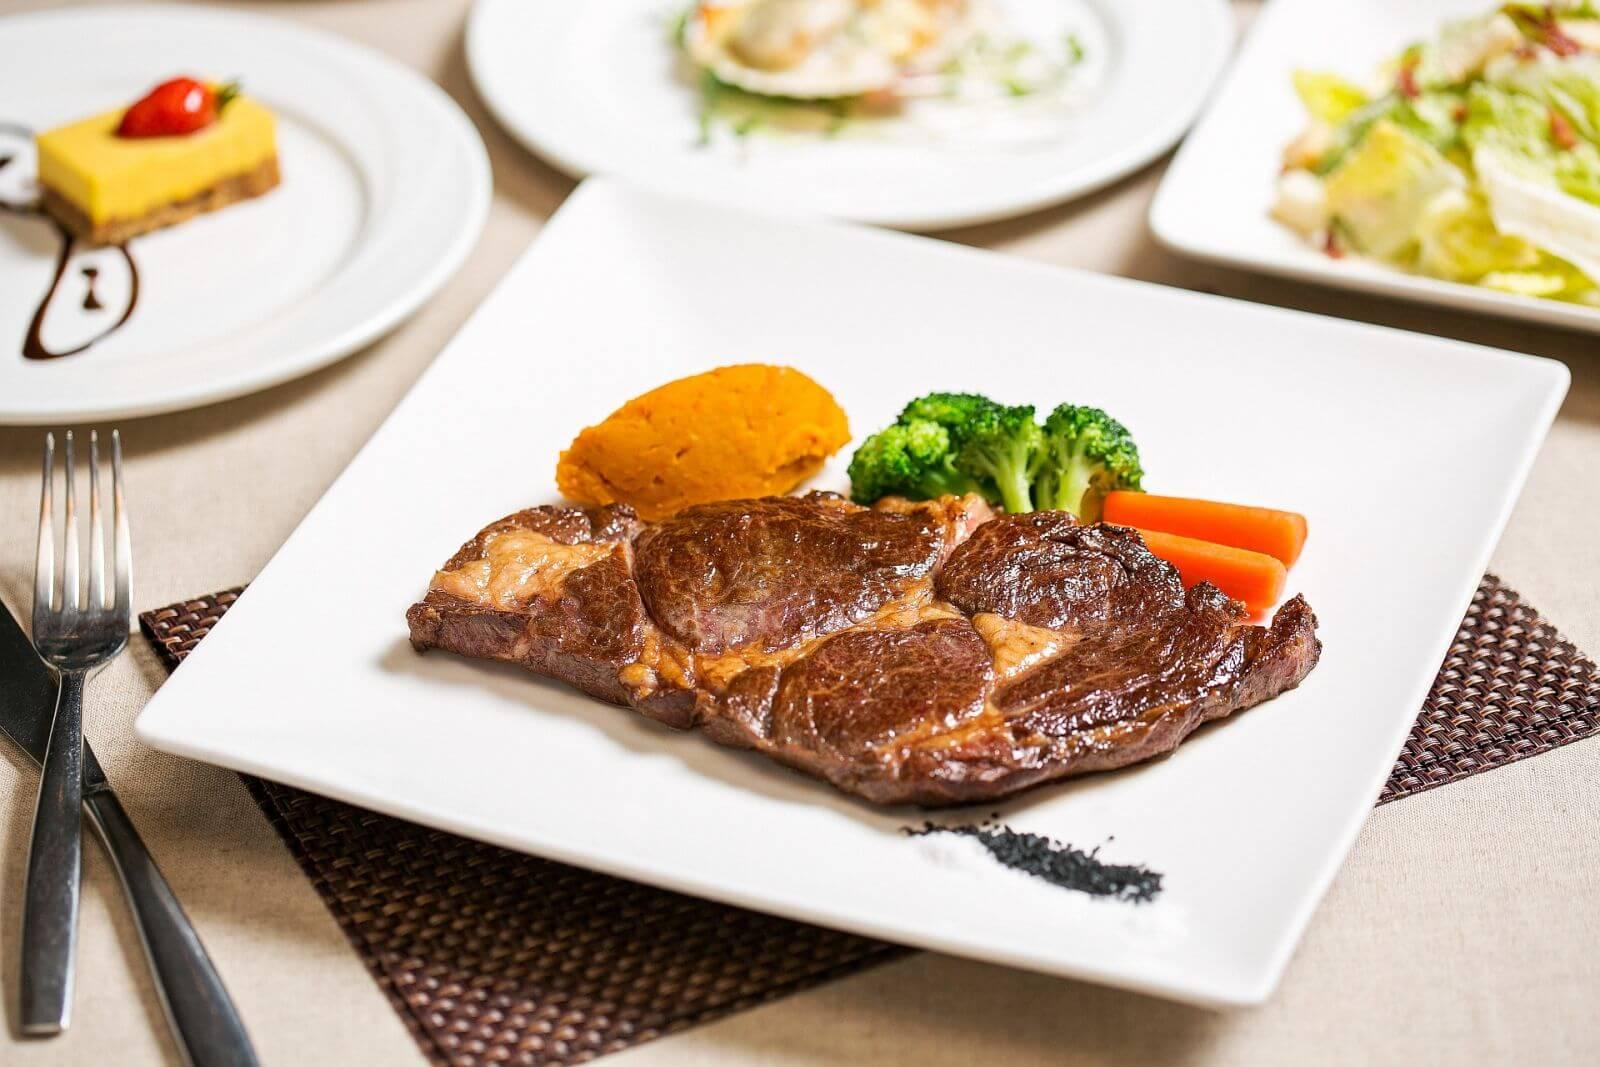 台北國賓大飯店ahmicafe精選套餐頂級肋眼牛排特餐